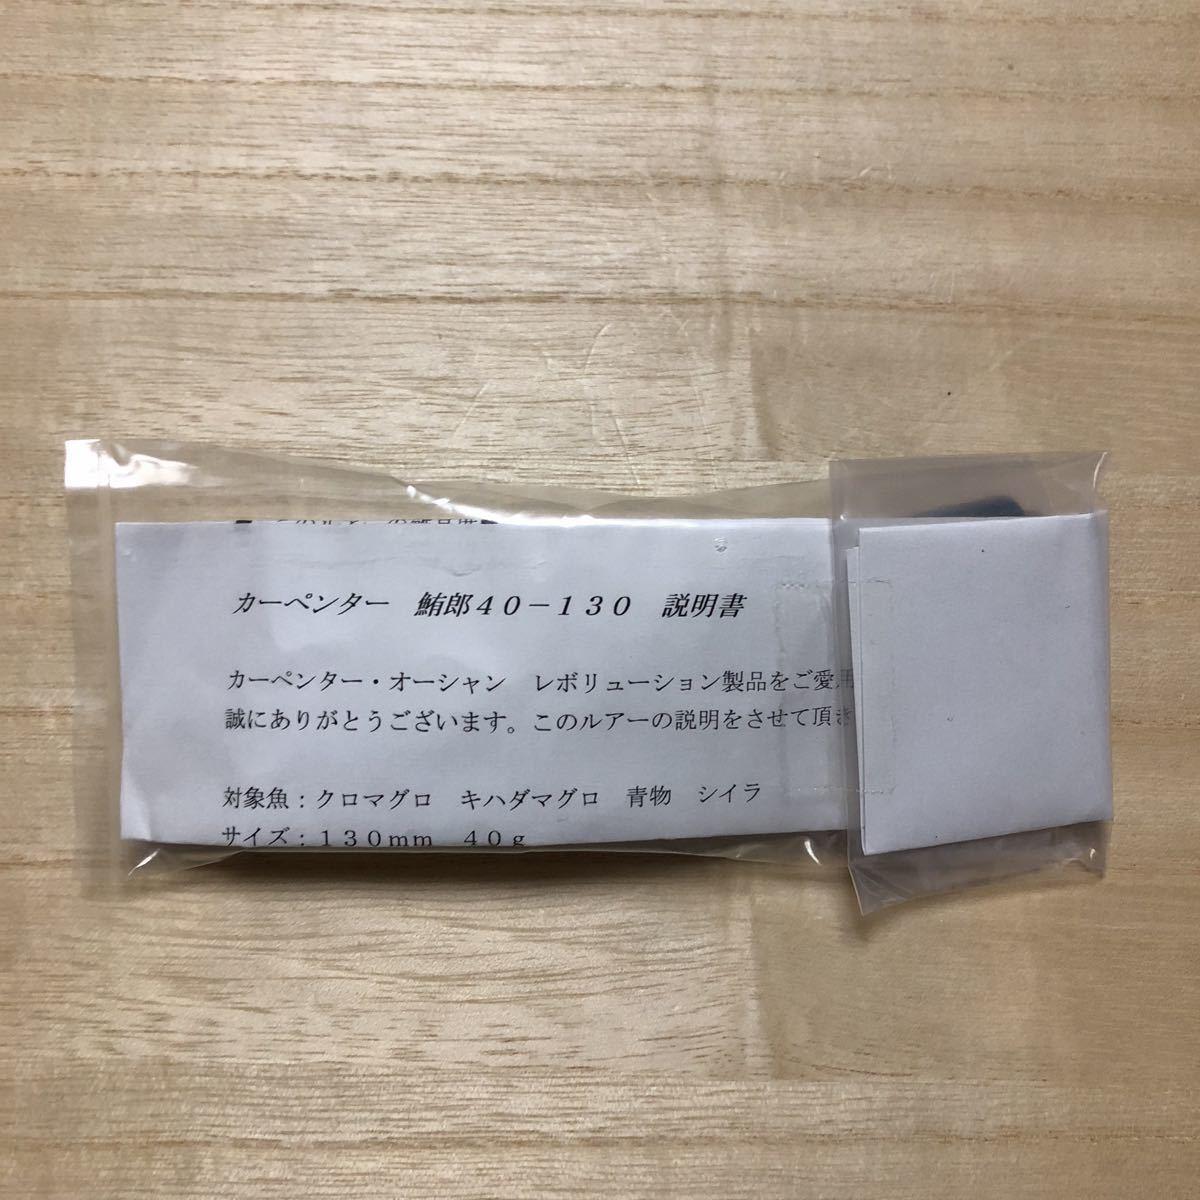 超希少 カーペンター 鮪郎40-130 carpenter Magro 40-130 人気のトビウオカラー_画像4